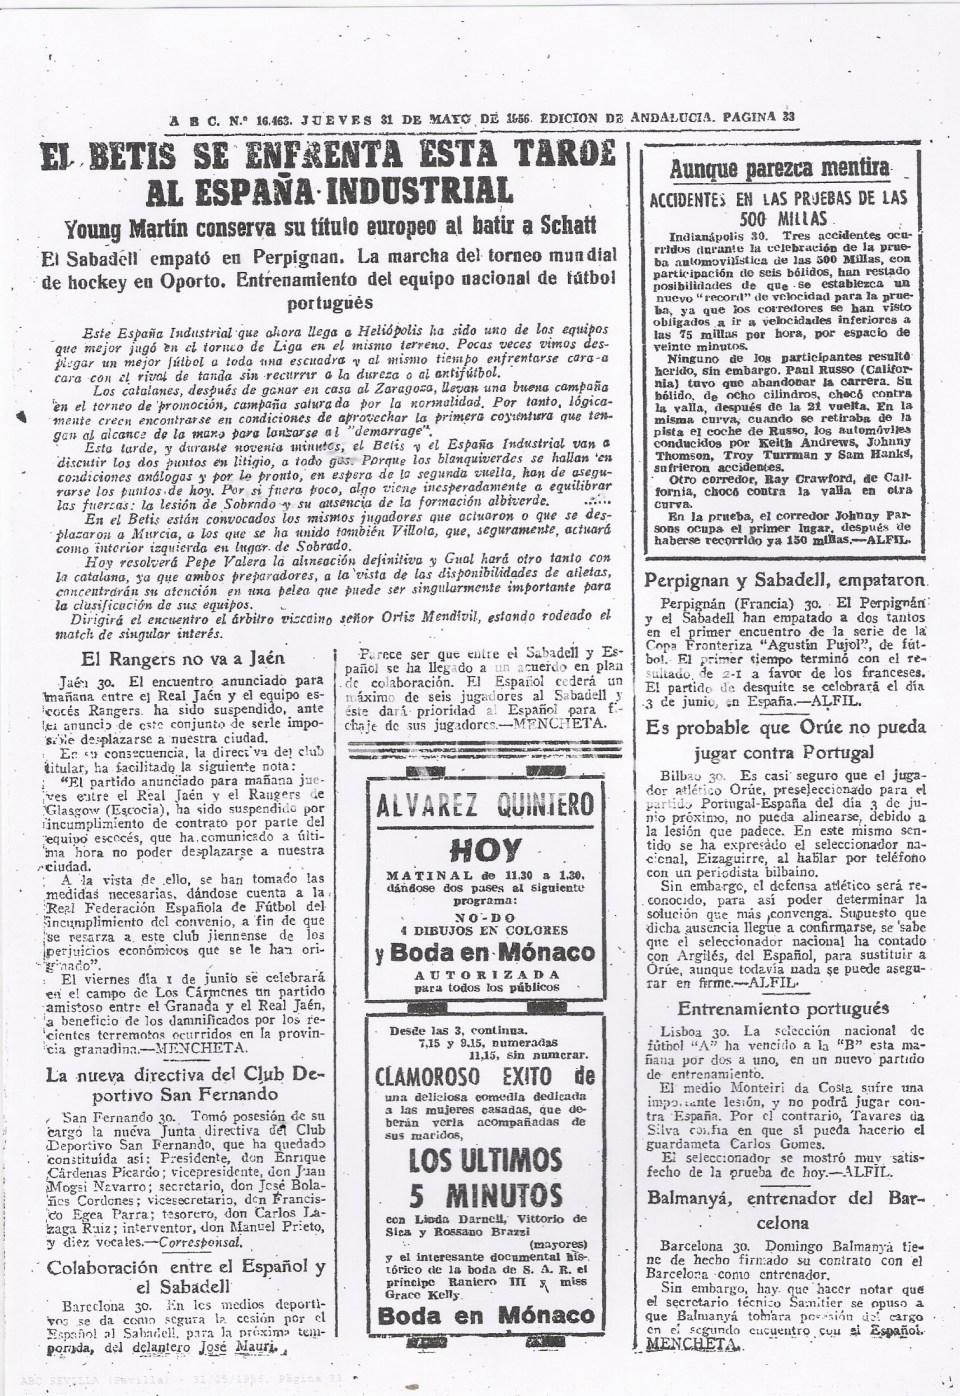 Fuente: ABC 31 de Mayo de 1956